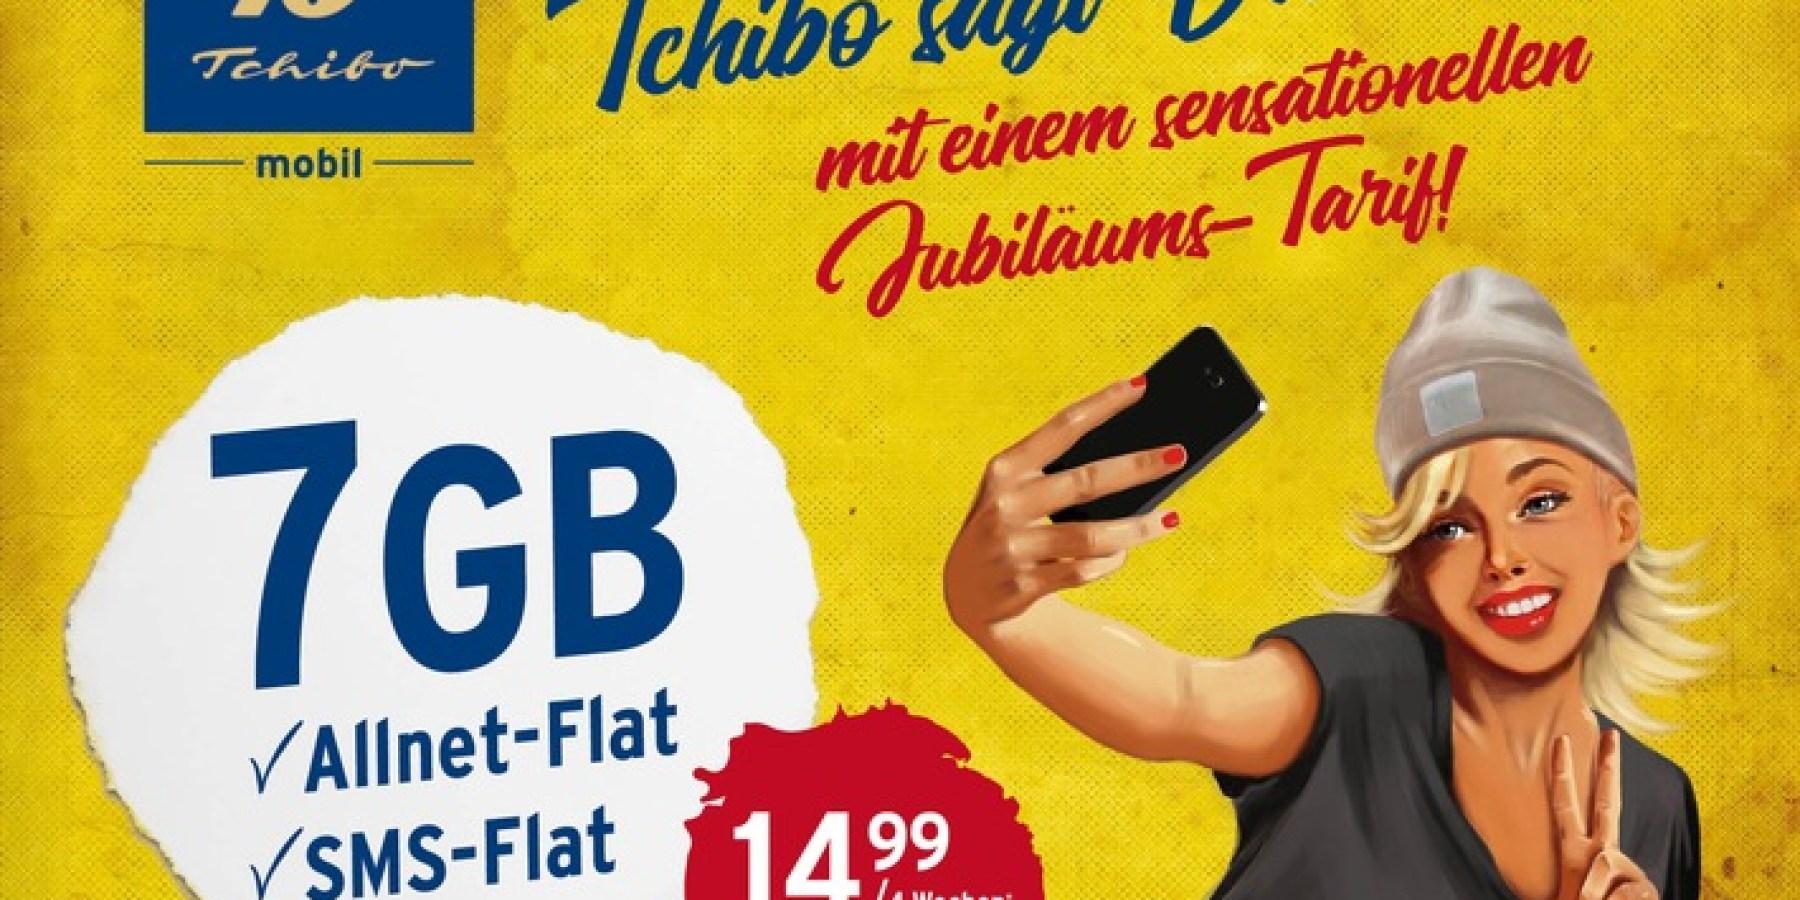 Jubiläums-Tarif mit 7 GB Daten für 14,99 Euro